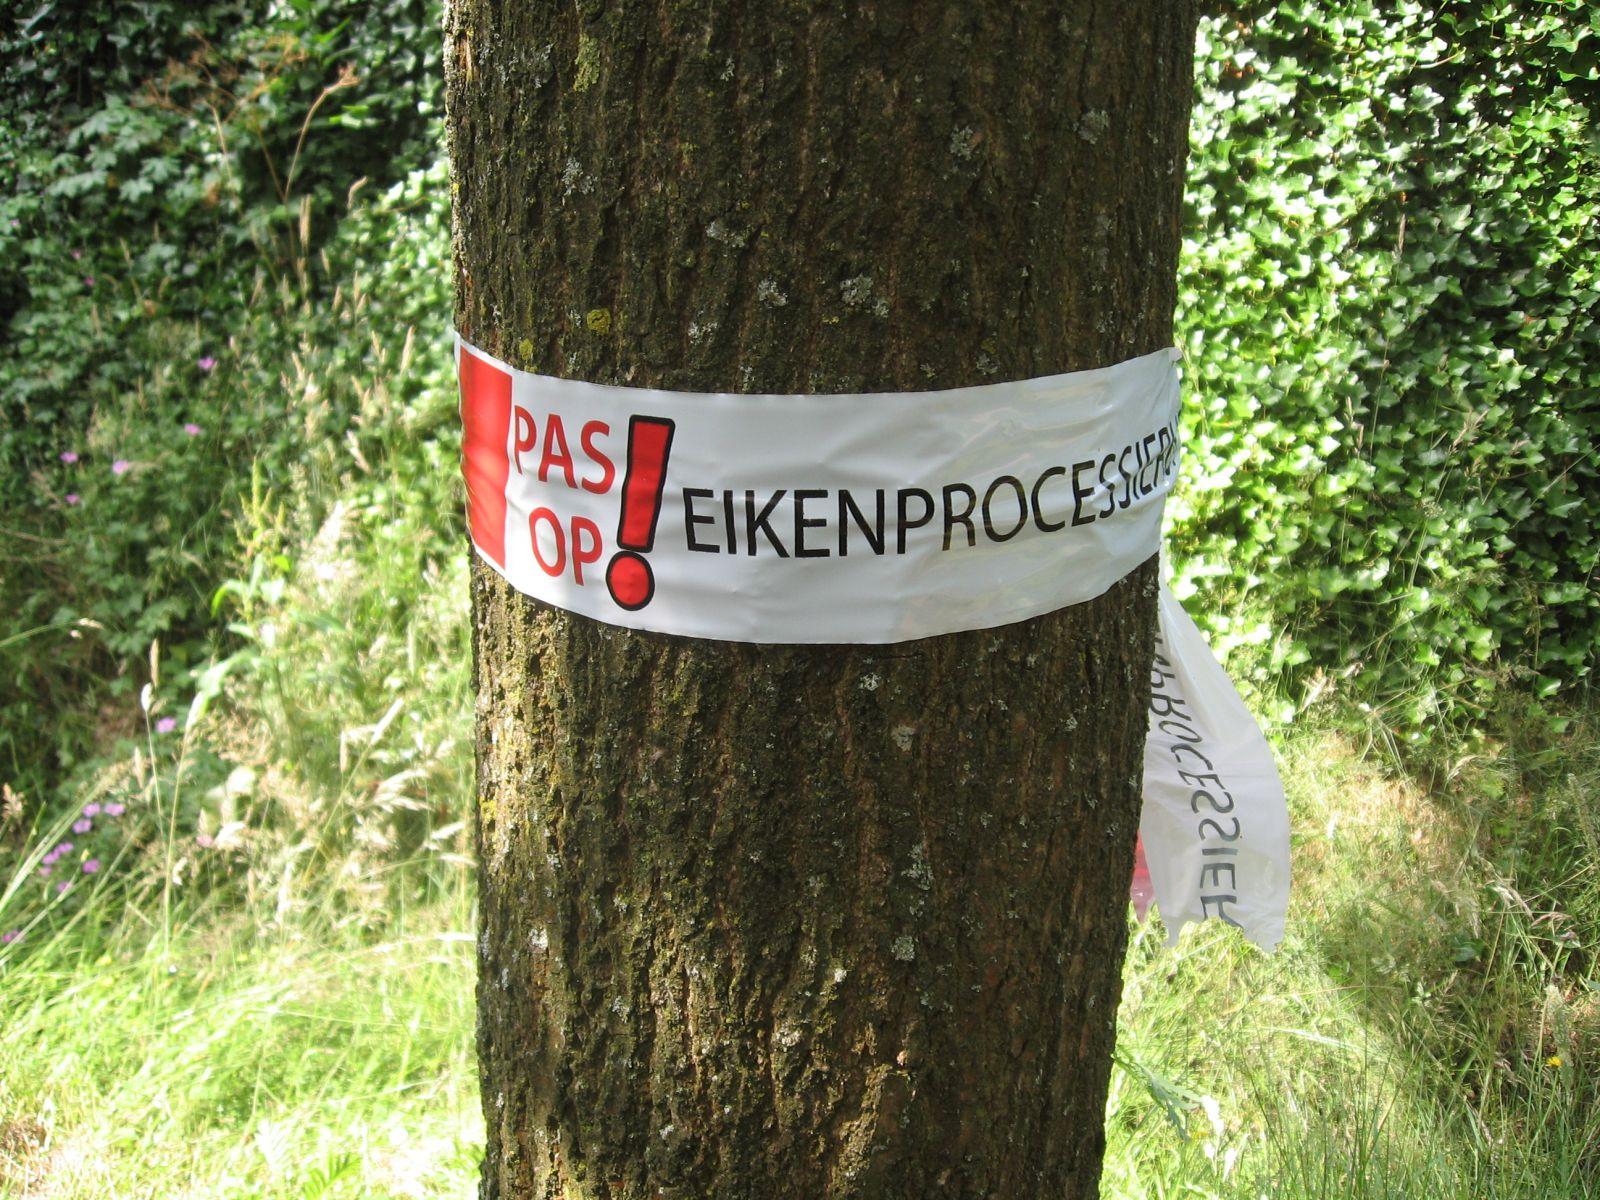 Hof van Twente bestrijdt eikenprocessierups vroeg én natuurvriendelijk